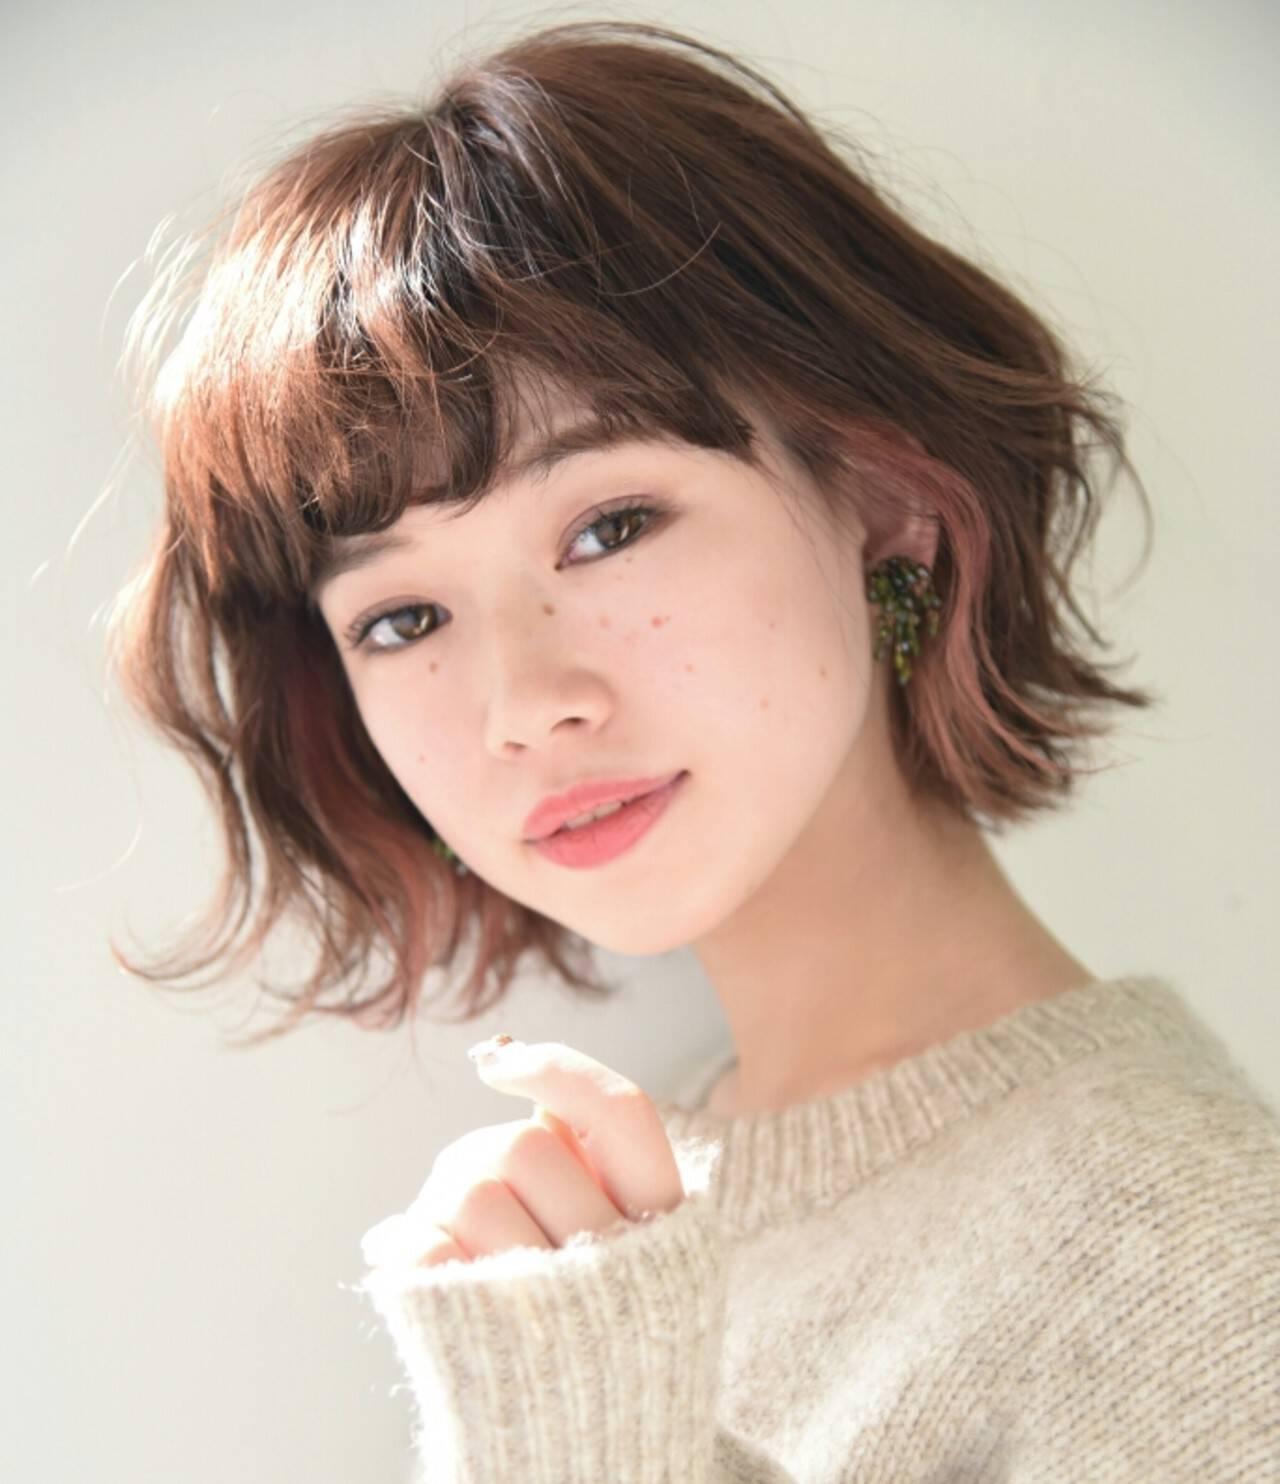 ニュアンス 小顔 ナチュラル パーマヘアスタイルや髪型の写真・画像